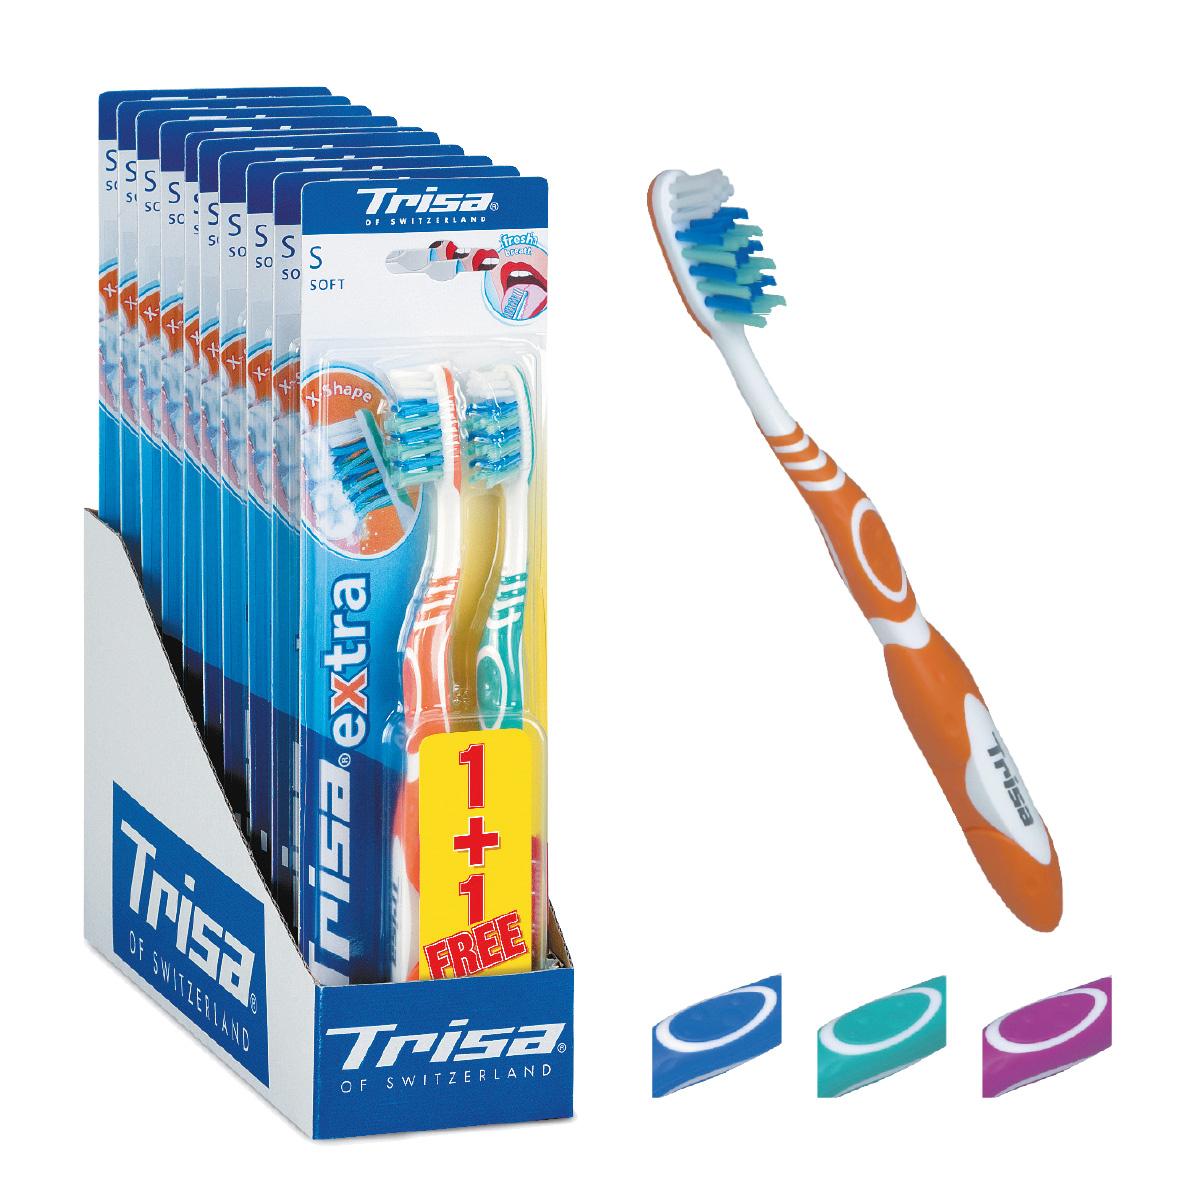 Trisa зубная щётка Экстра (2в1) мягкая10490_черный/зеленыйЗубная щетка Trisa Extra 2 for 1 - мягкая щетина - произведена в Швейцарии в соответствии с новейшими научными разработками. Профилактическая зубная щетка. Многоуровневая перекрестная щетина обеспечивает качественную чистку. На обратной стороне головки пластиковый скребок для языка. Удобный семейный вариант – в упаковке 2 щетки разного цвета по цене 1 щетки.